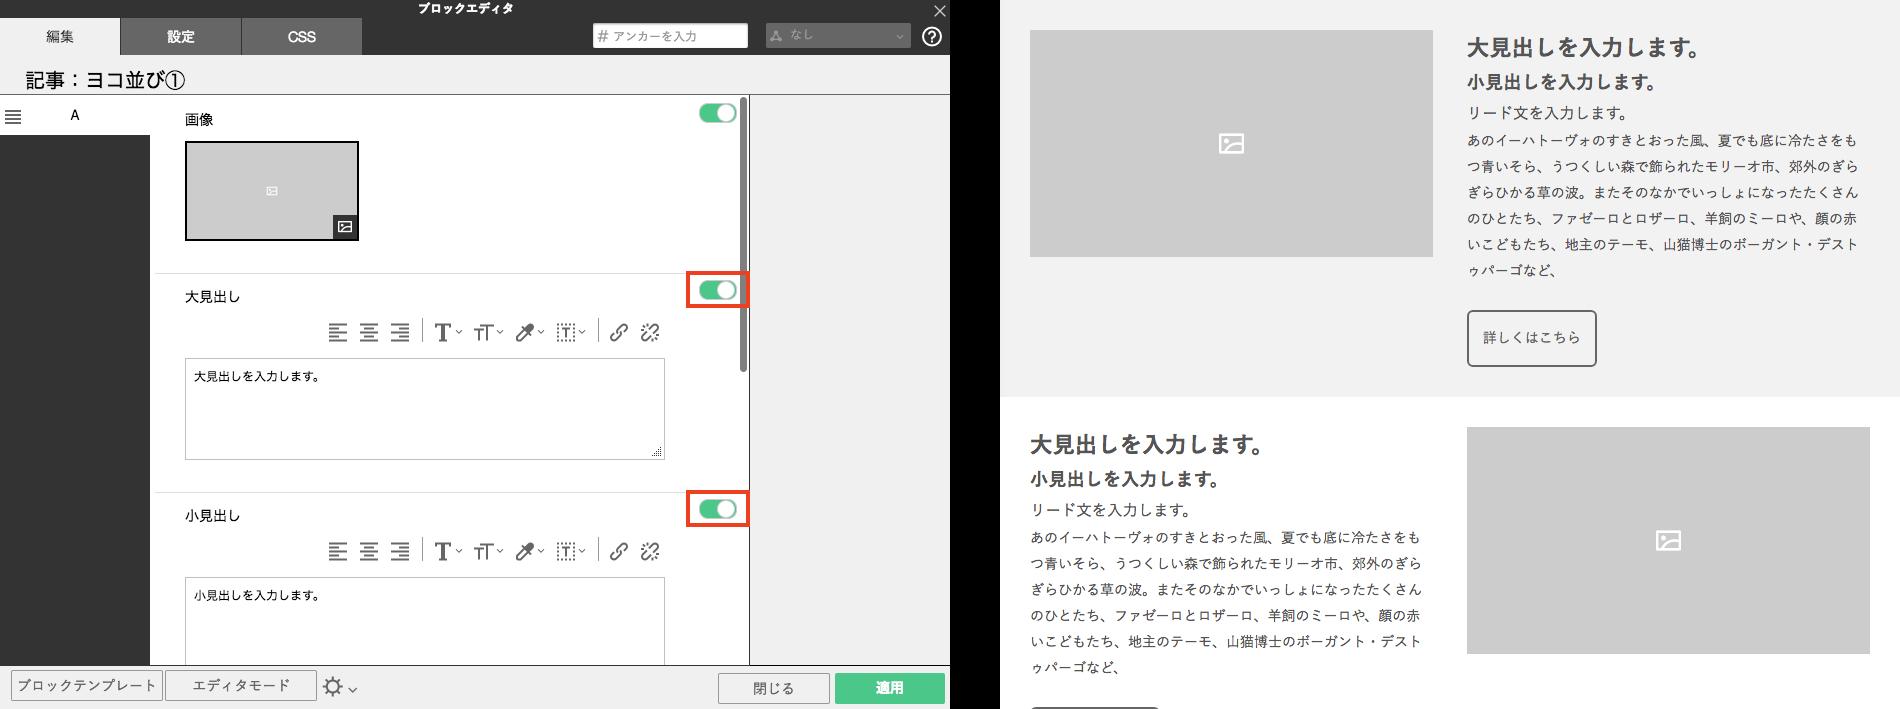 BiNDupの小さな改善点。ブロックテンプレートもリニューアルします。